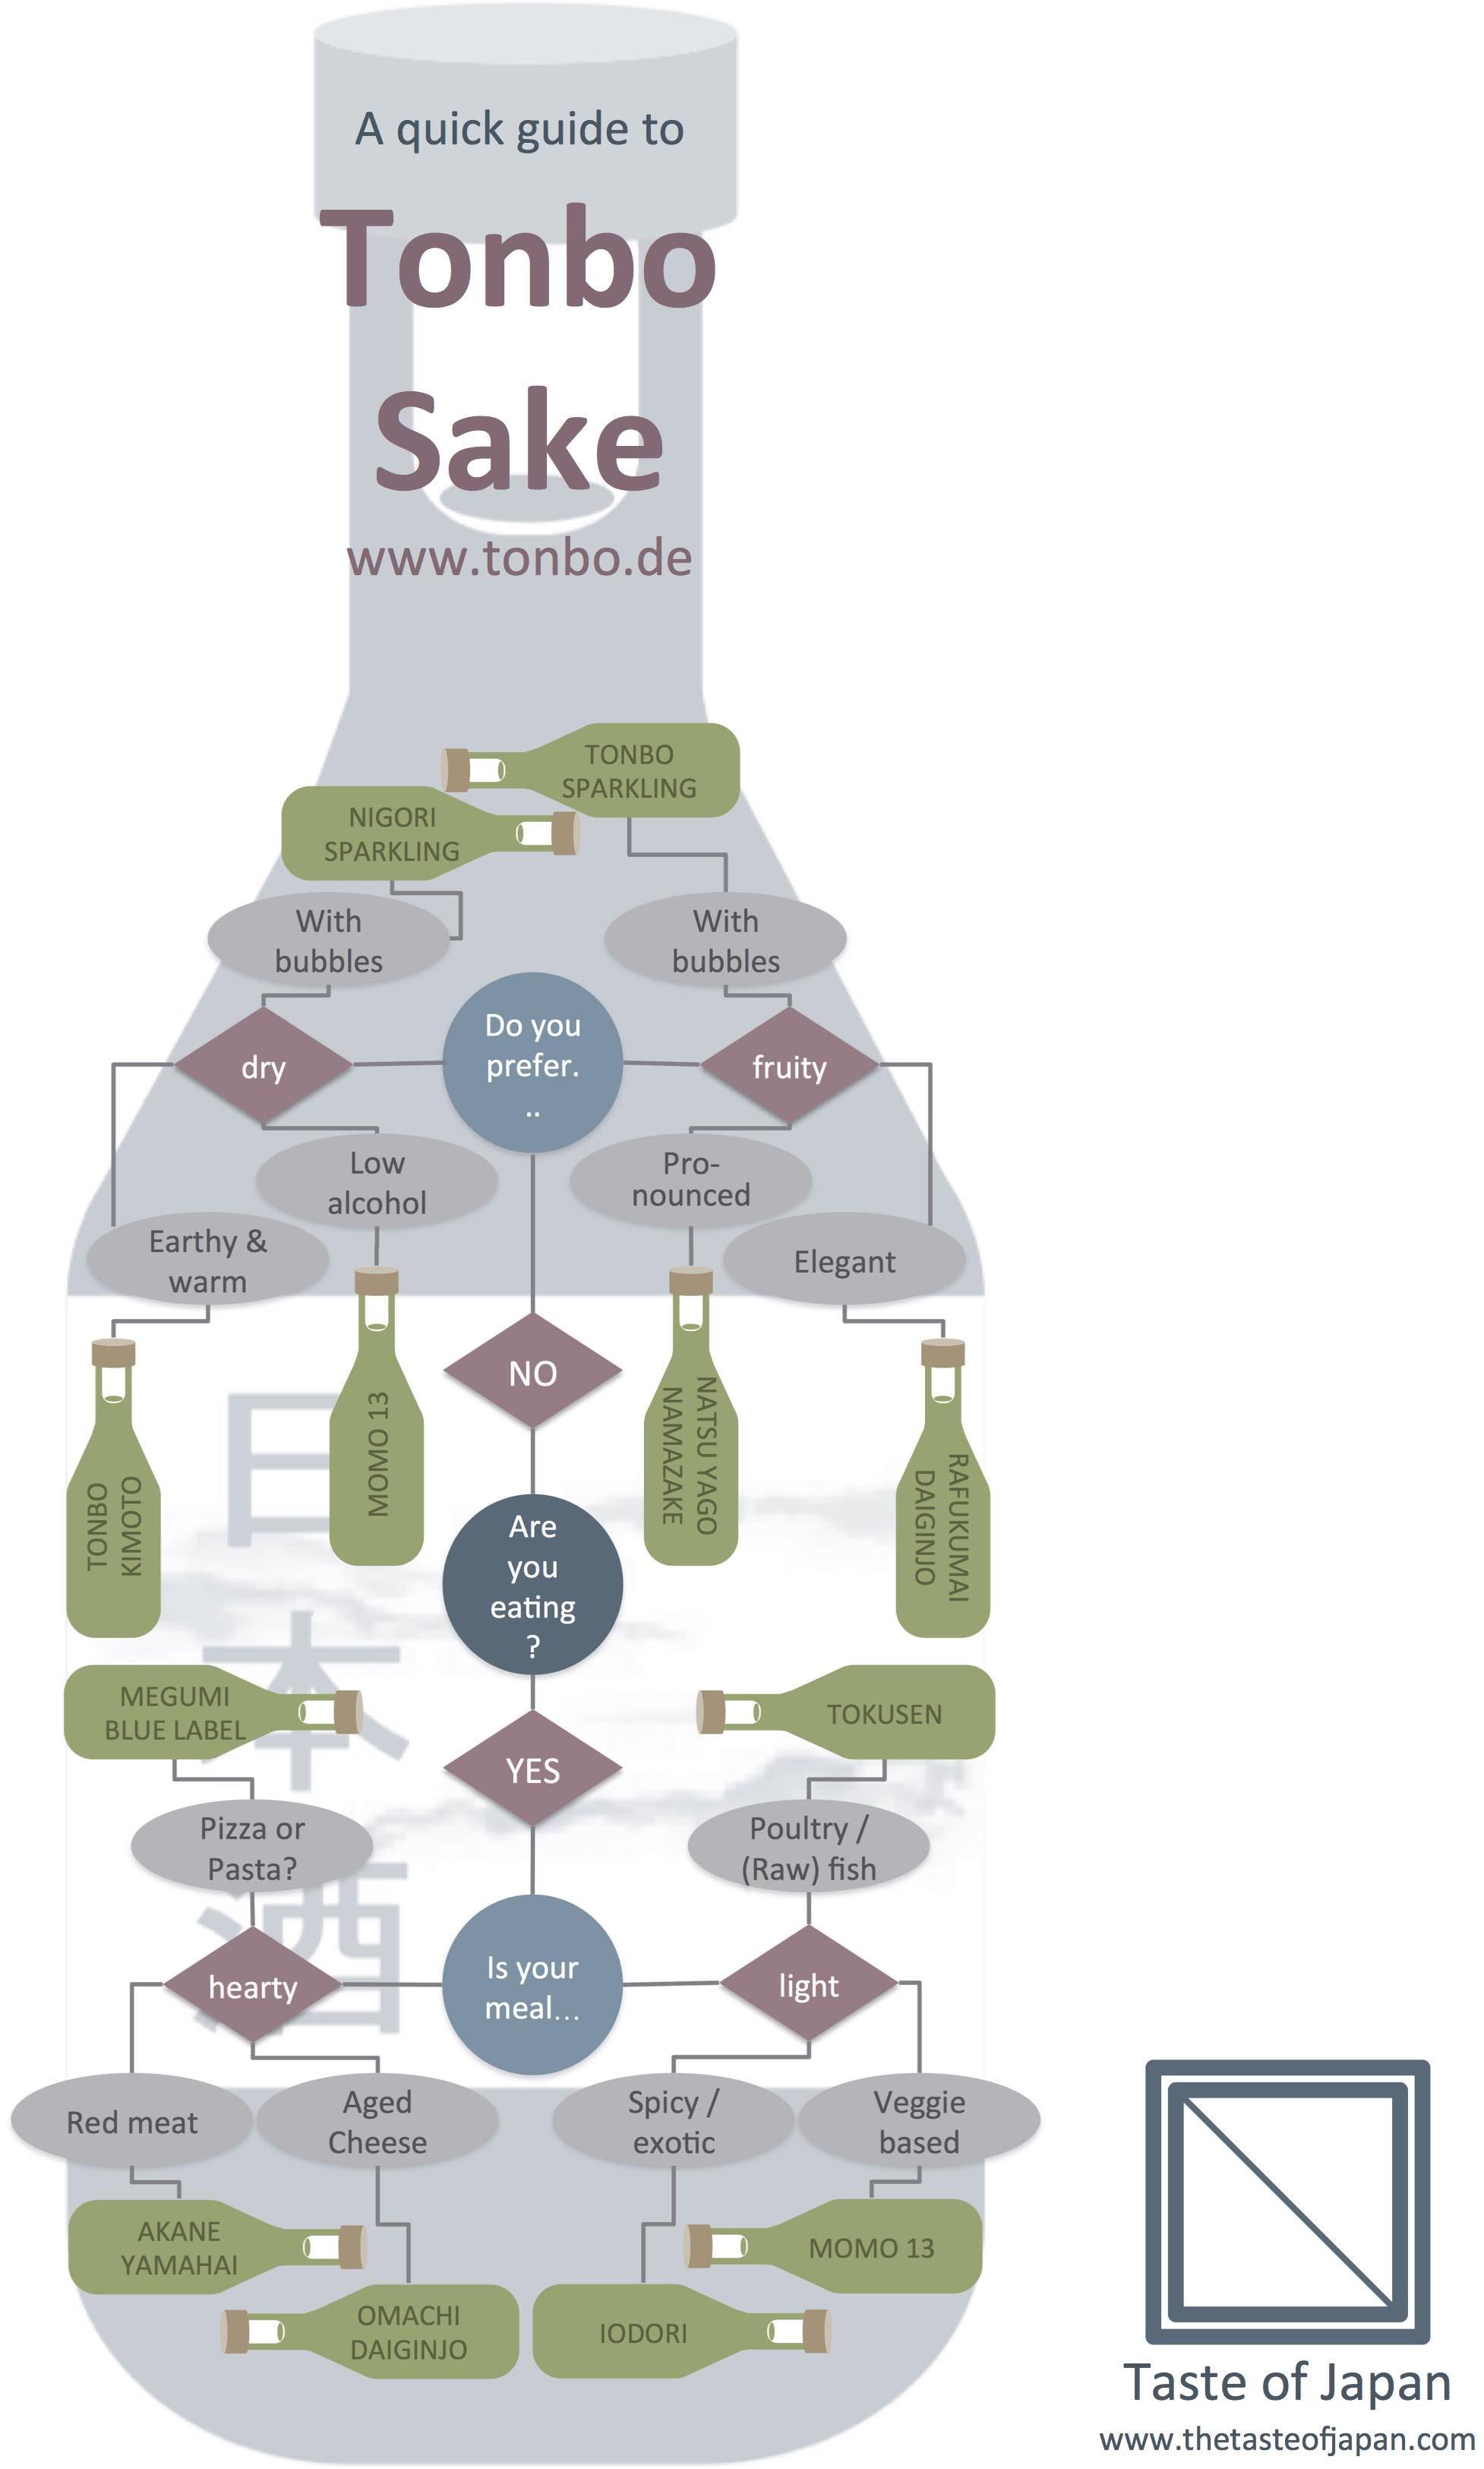 Entscheidungsbaum zur Auswahl von Sake